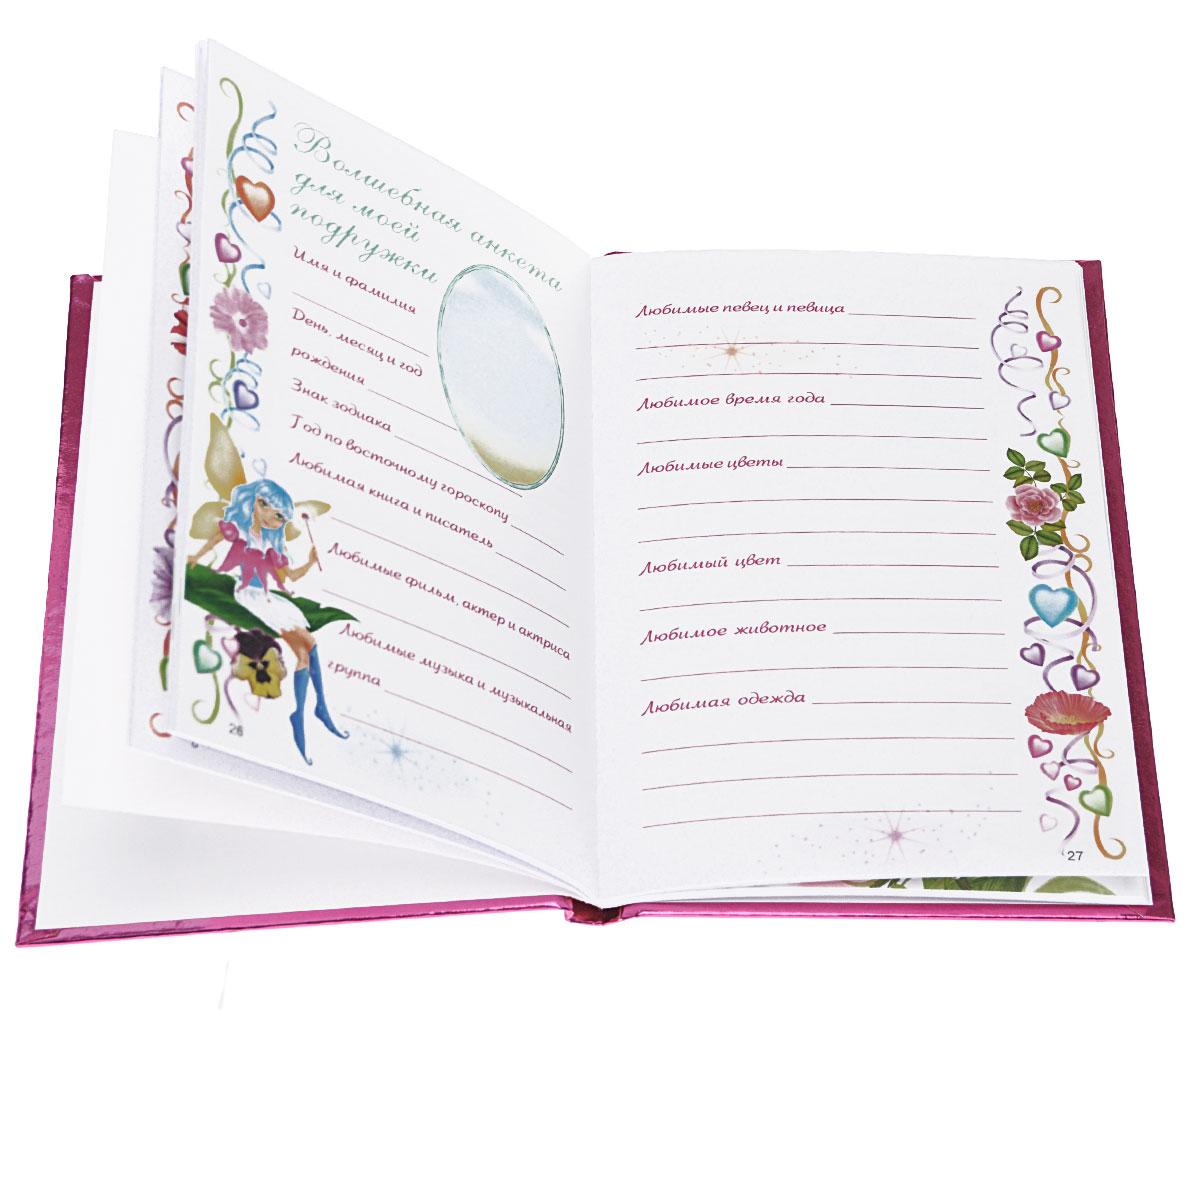 Волшебный дневник для девочки (+ наклейки)